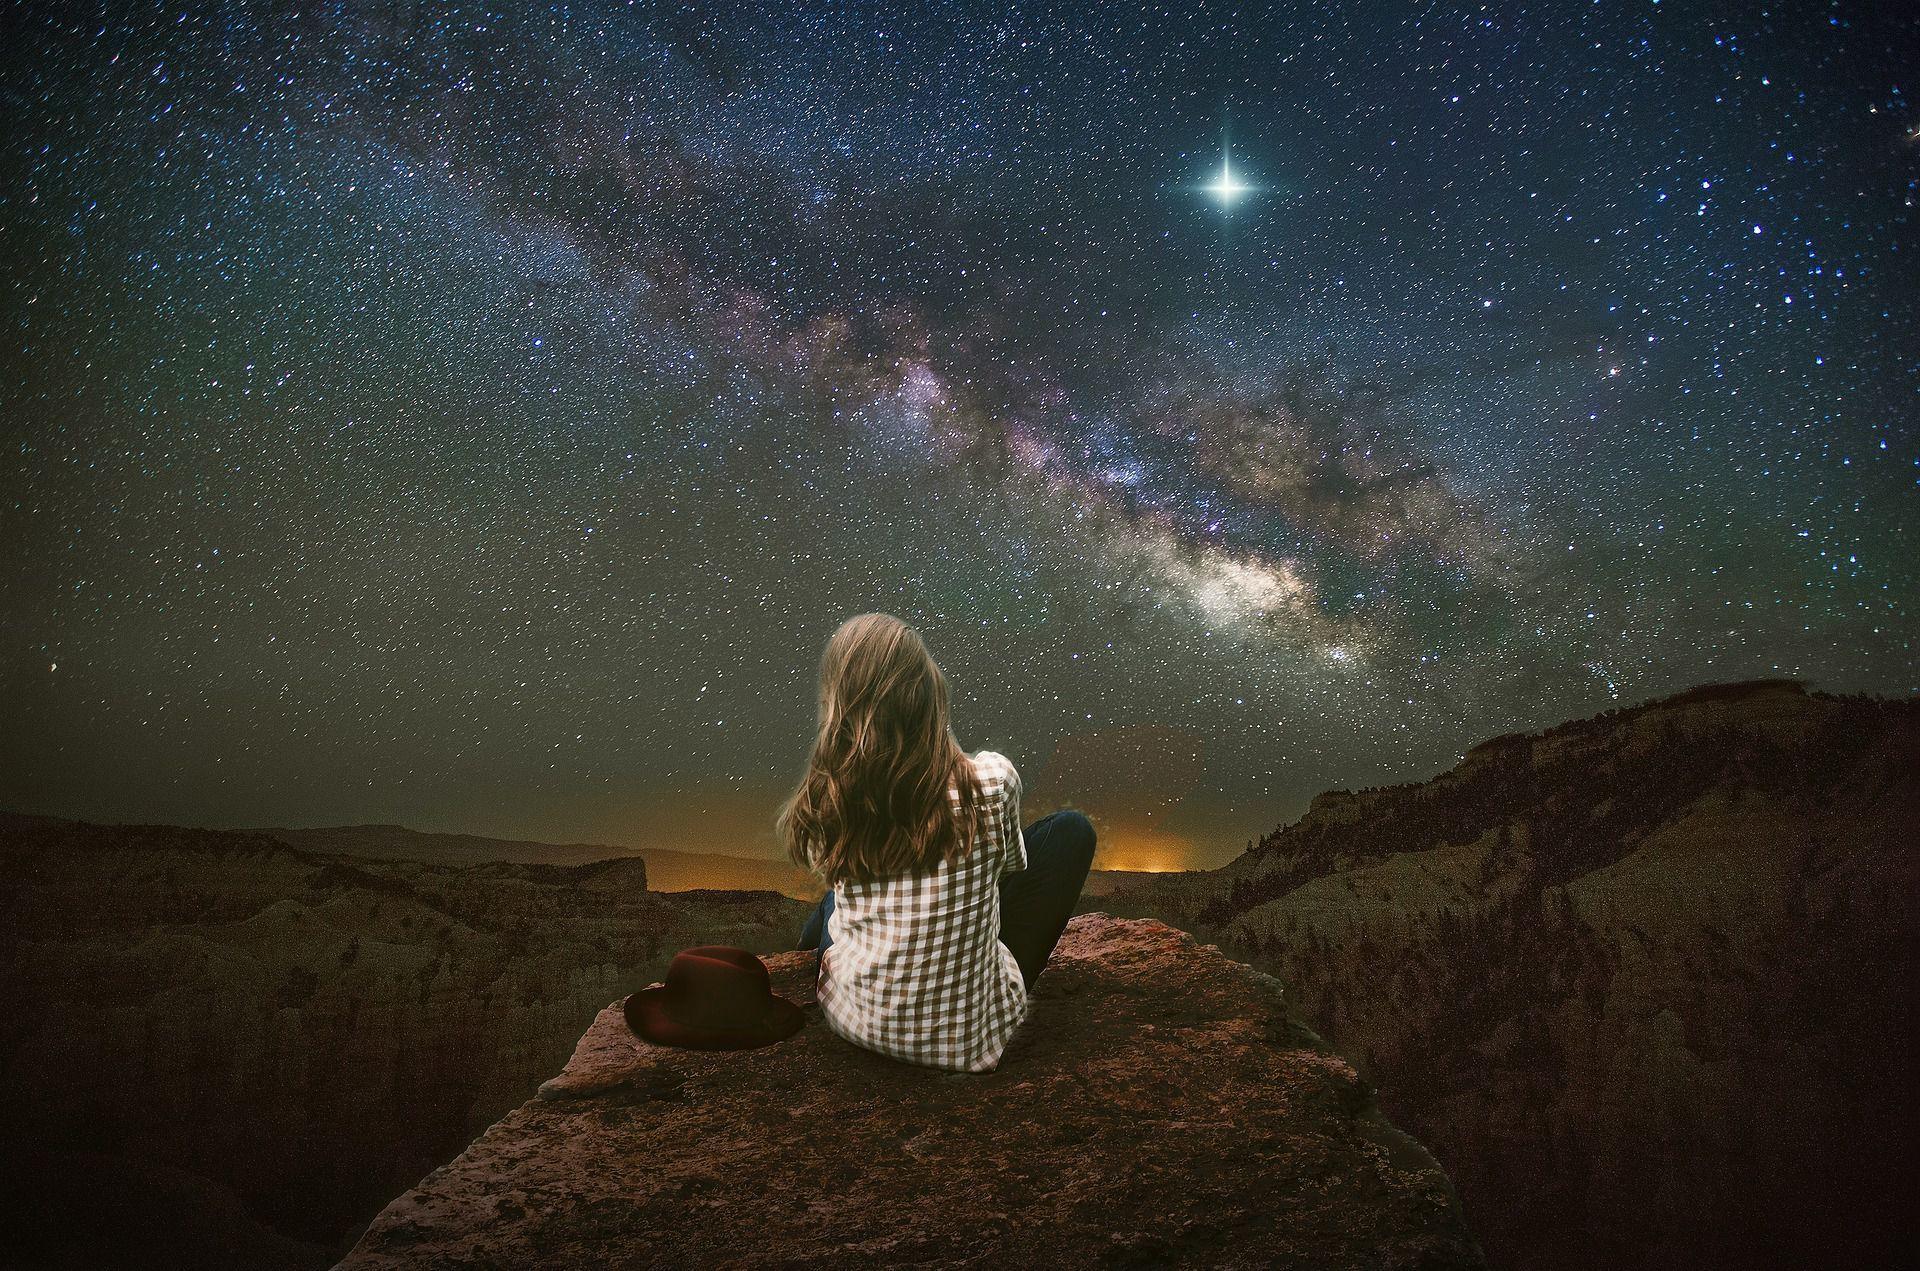 Nuit Des Etoiles 2019 Ou Et Quand Observer Les Etoiles Filantes Dans La Region Nuits Etoilees Nuit Etoile Filante Etoile Filante